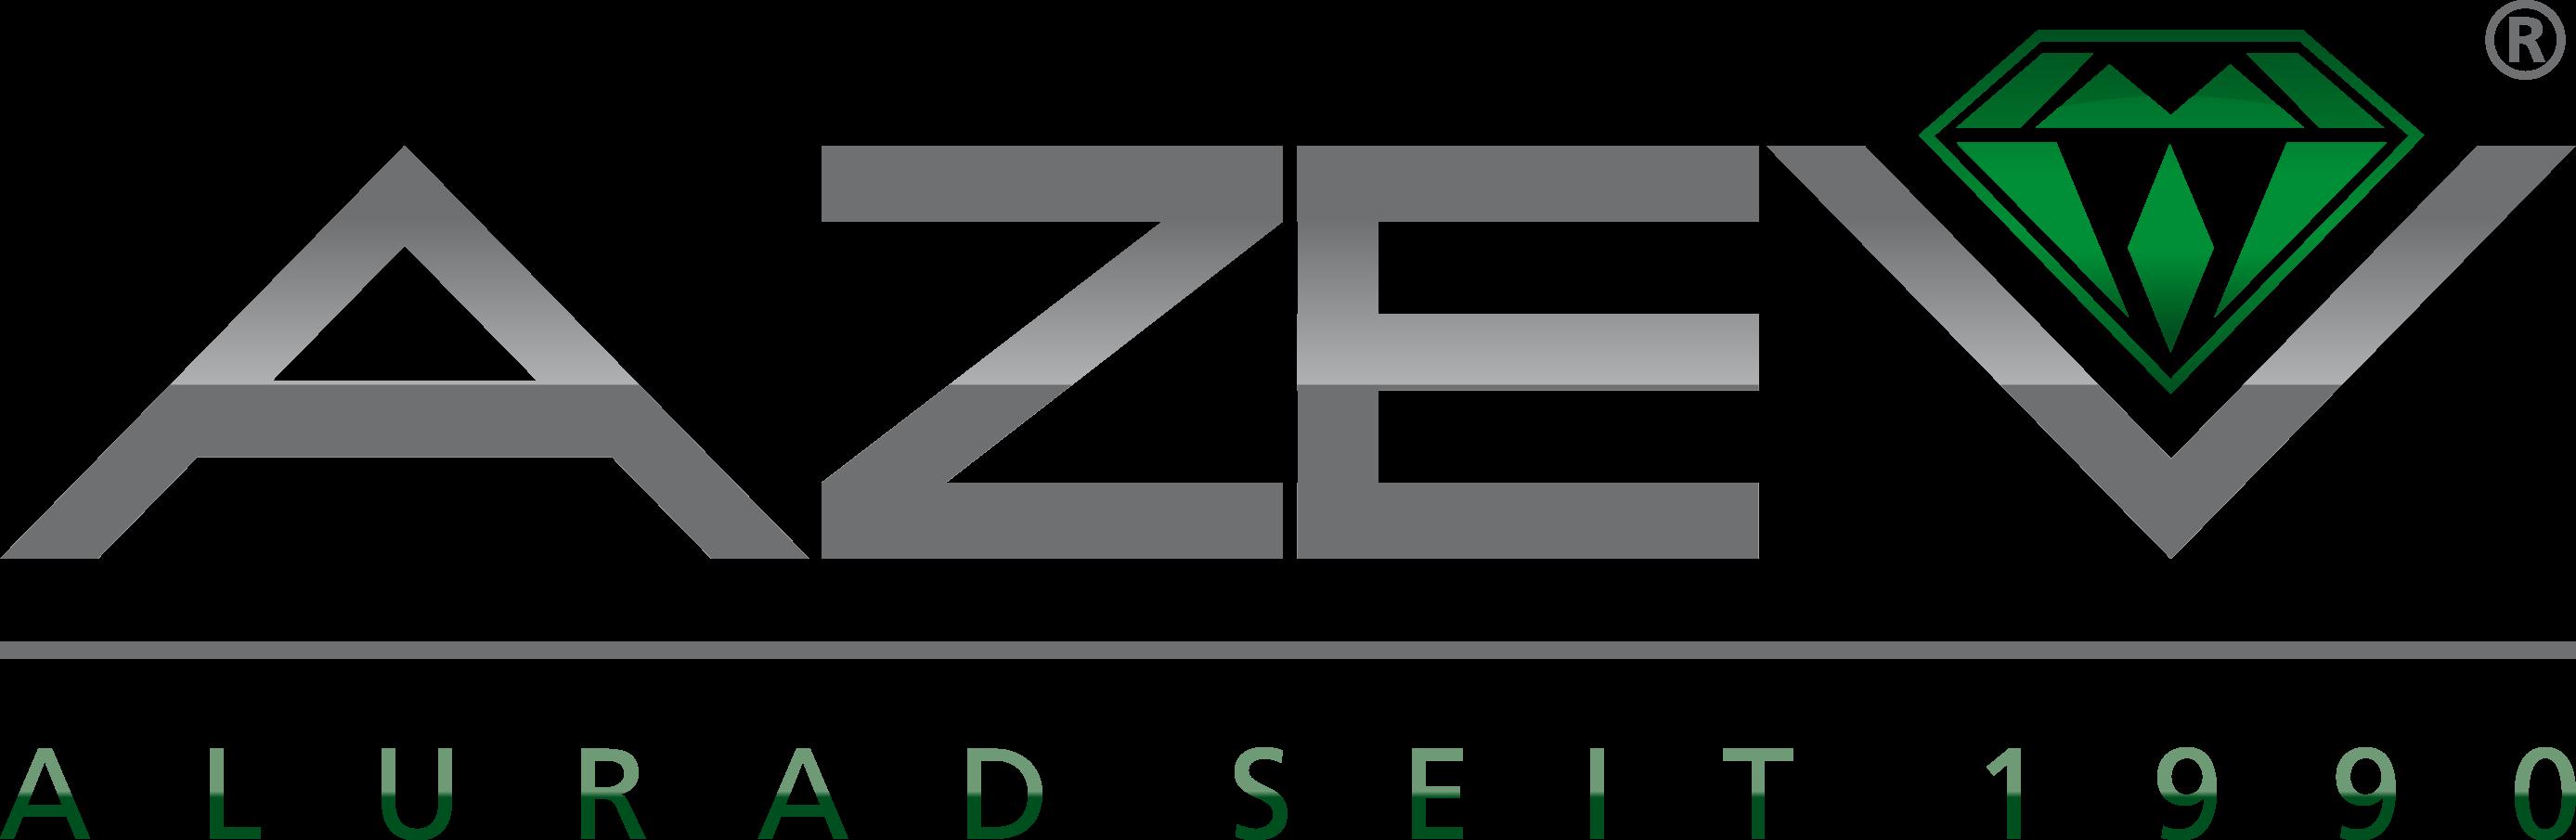 AZEV Alurad GmbH